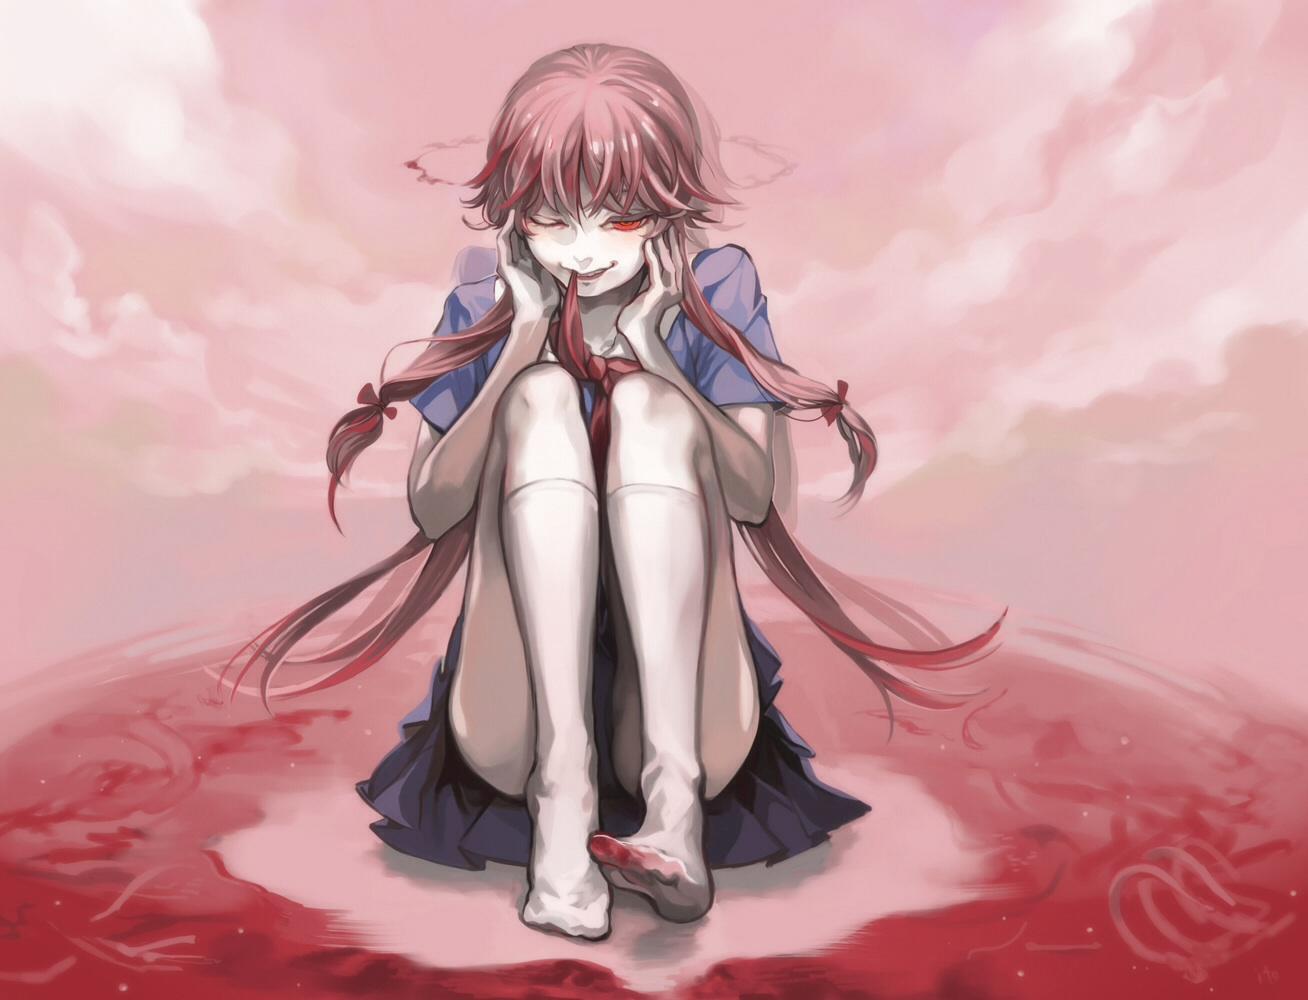 Noticias AMV Mirai-Nikki-Gasai-Yuno-horror-anime-manga-35862449-1308-1000